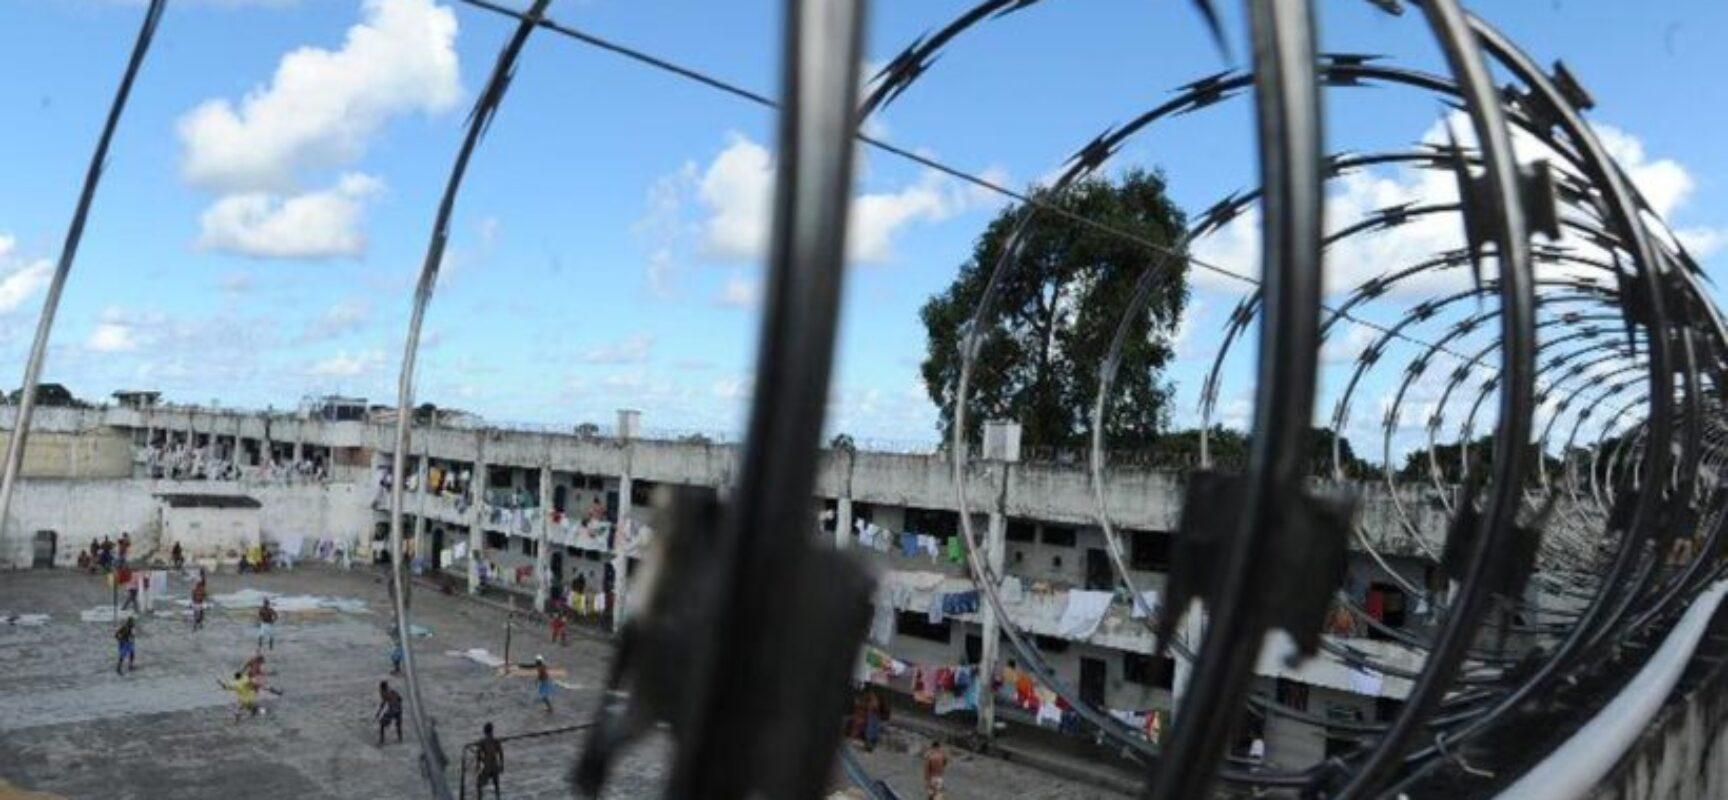 Visitas a unidades prisionais da Bahia voltarão no início de agosto